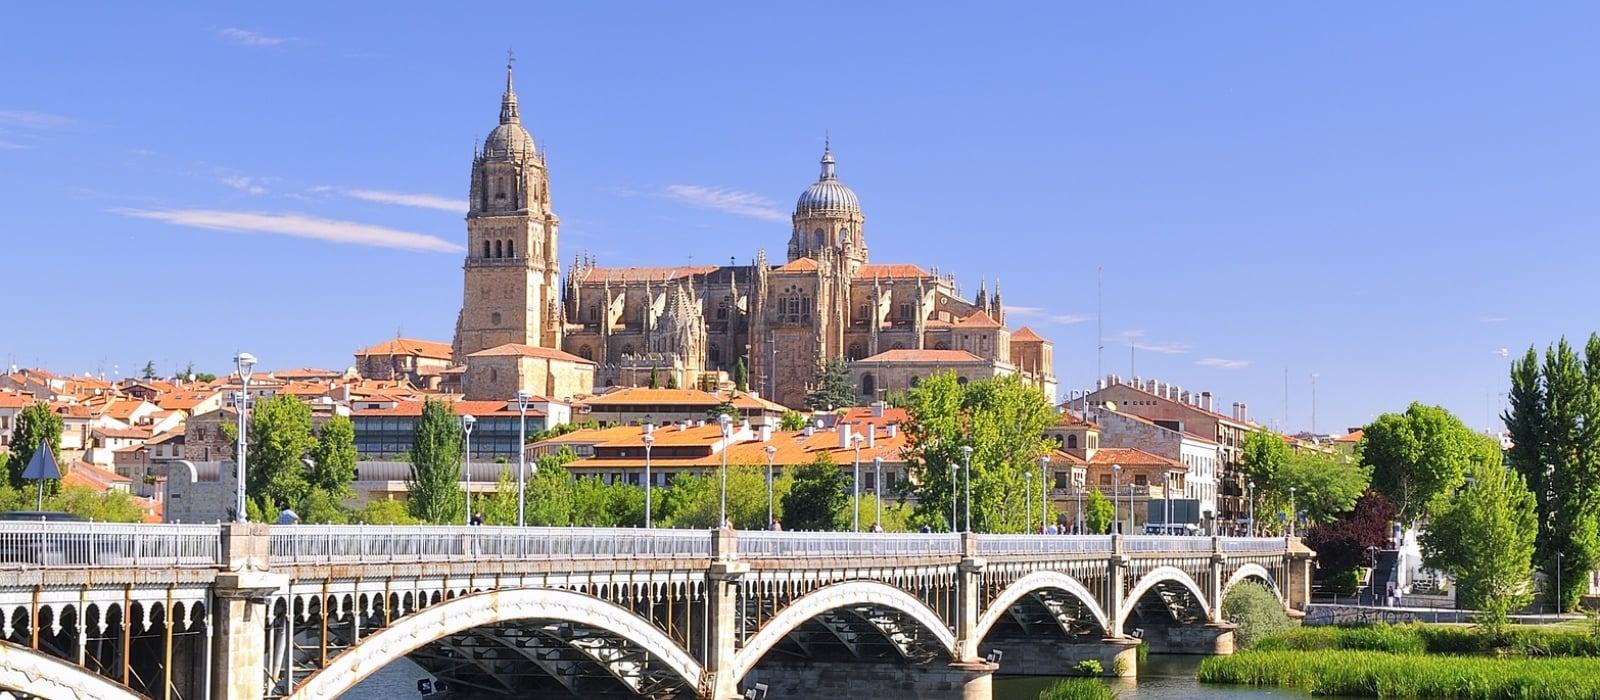 Localizaci n hotel ciudad de salamanca vincci hoteles for Codigo postal calle salamanca valencia